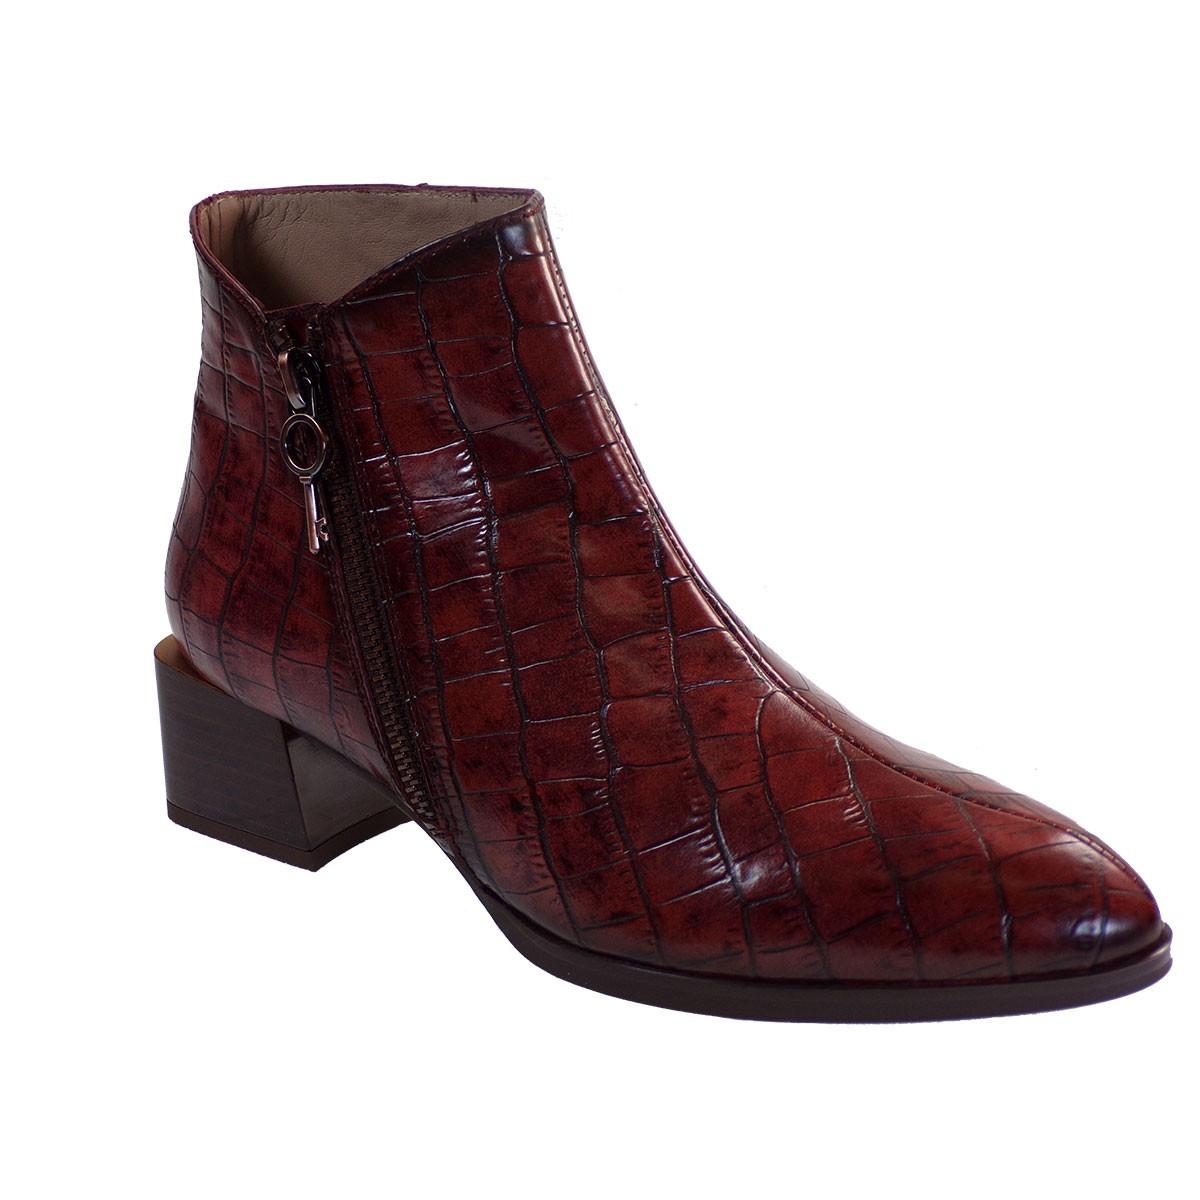 Hispanitas Γυναικεία Παπούτσια Mποτάκια HI00522 Μπορντώ Δέρμα